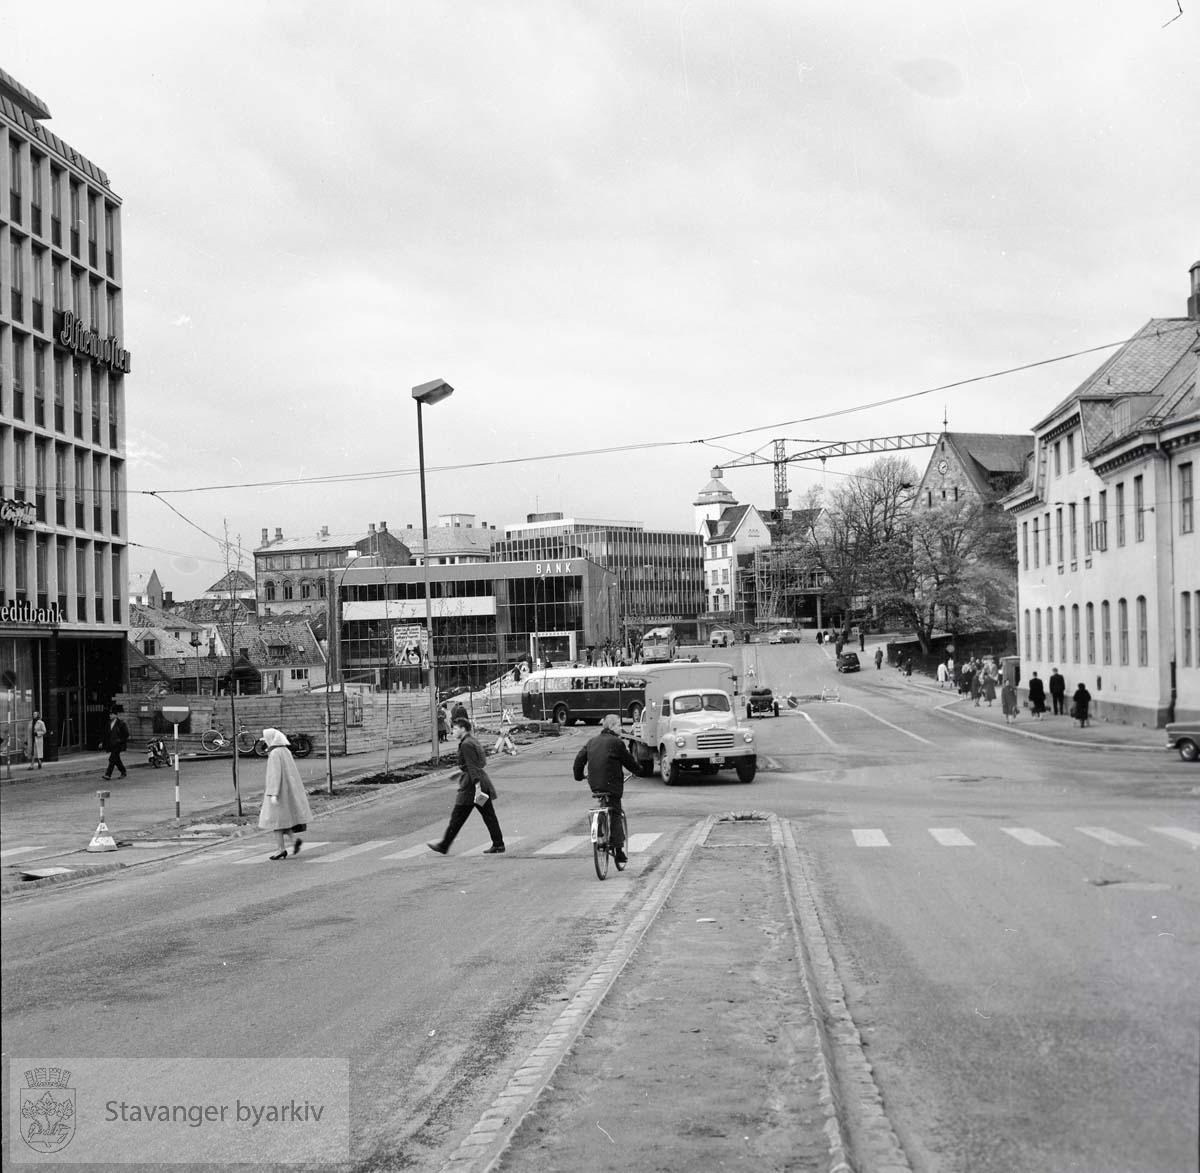 Romsøebygget til venstre, Stavanger Sparekasse, Hetland Sparebank samt Norges Bank under oppføring i bakgrunnen. Domkirken og posthuset til venstre.